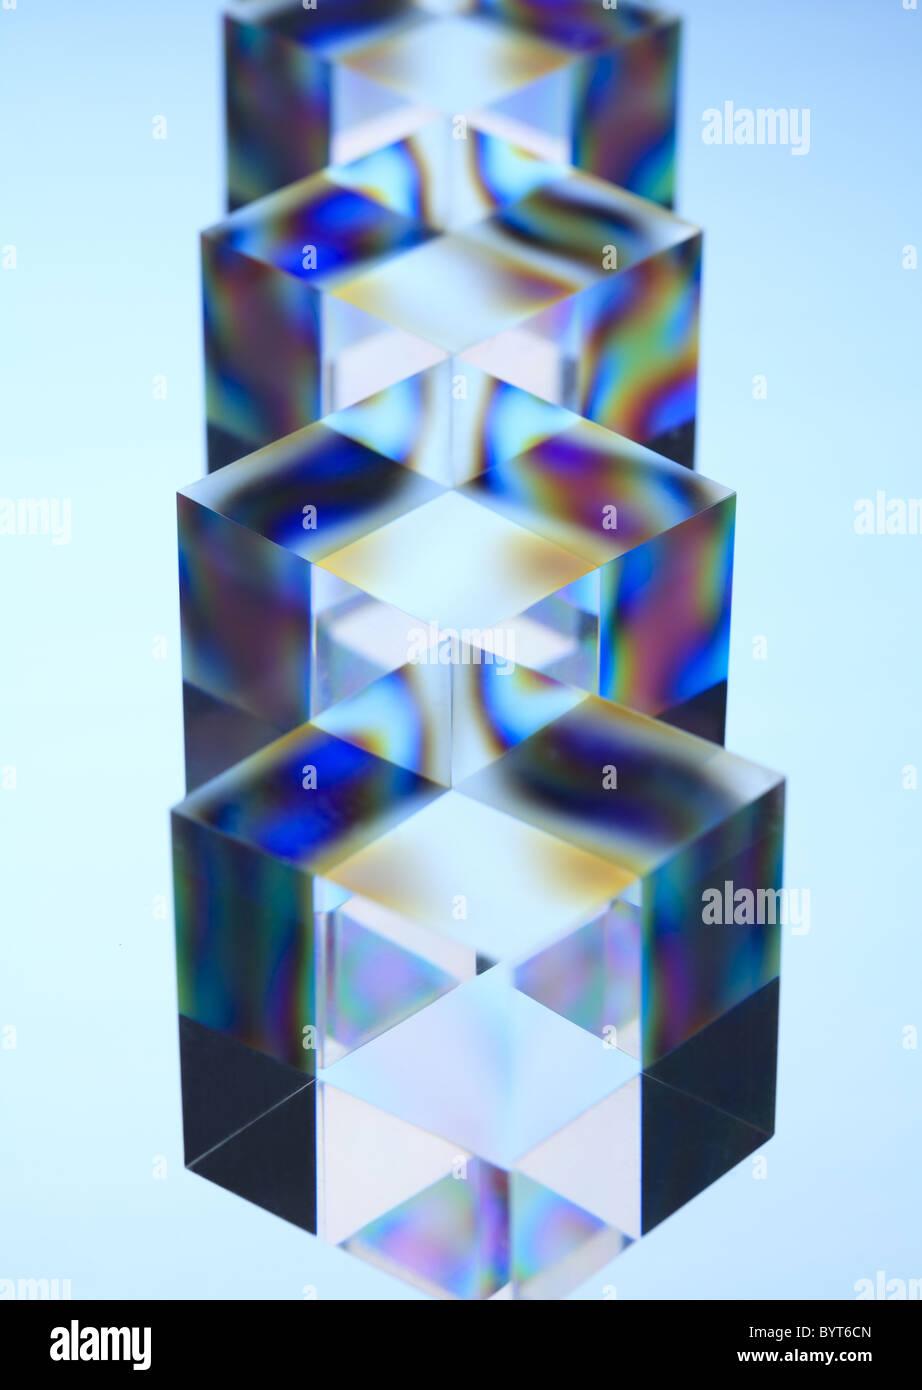 Acrylic Cubes - Stock Image